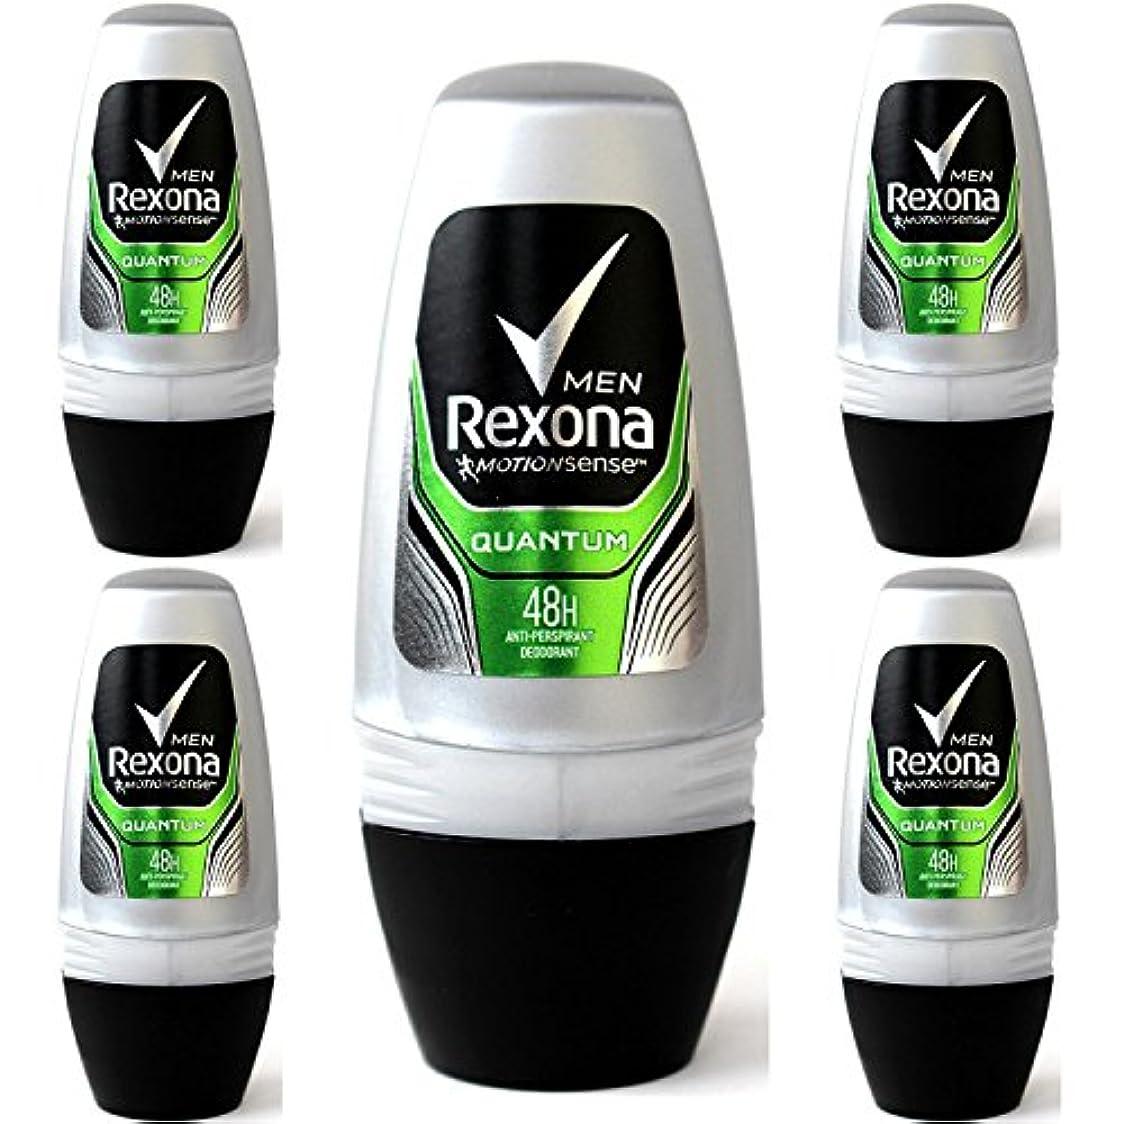 レクソーナ(男性用)制汗剤ロールオンタイプ 40ml 5個セット [並行輸入品][海外直送品] クォンタム